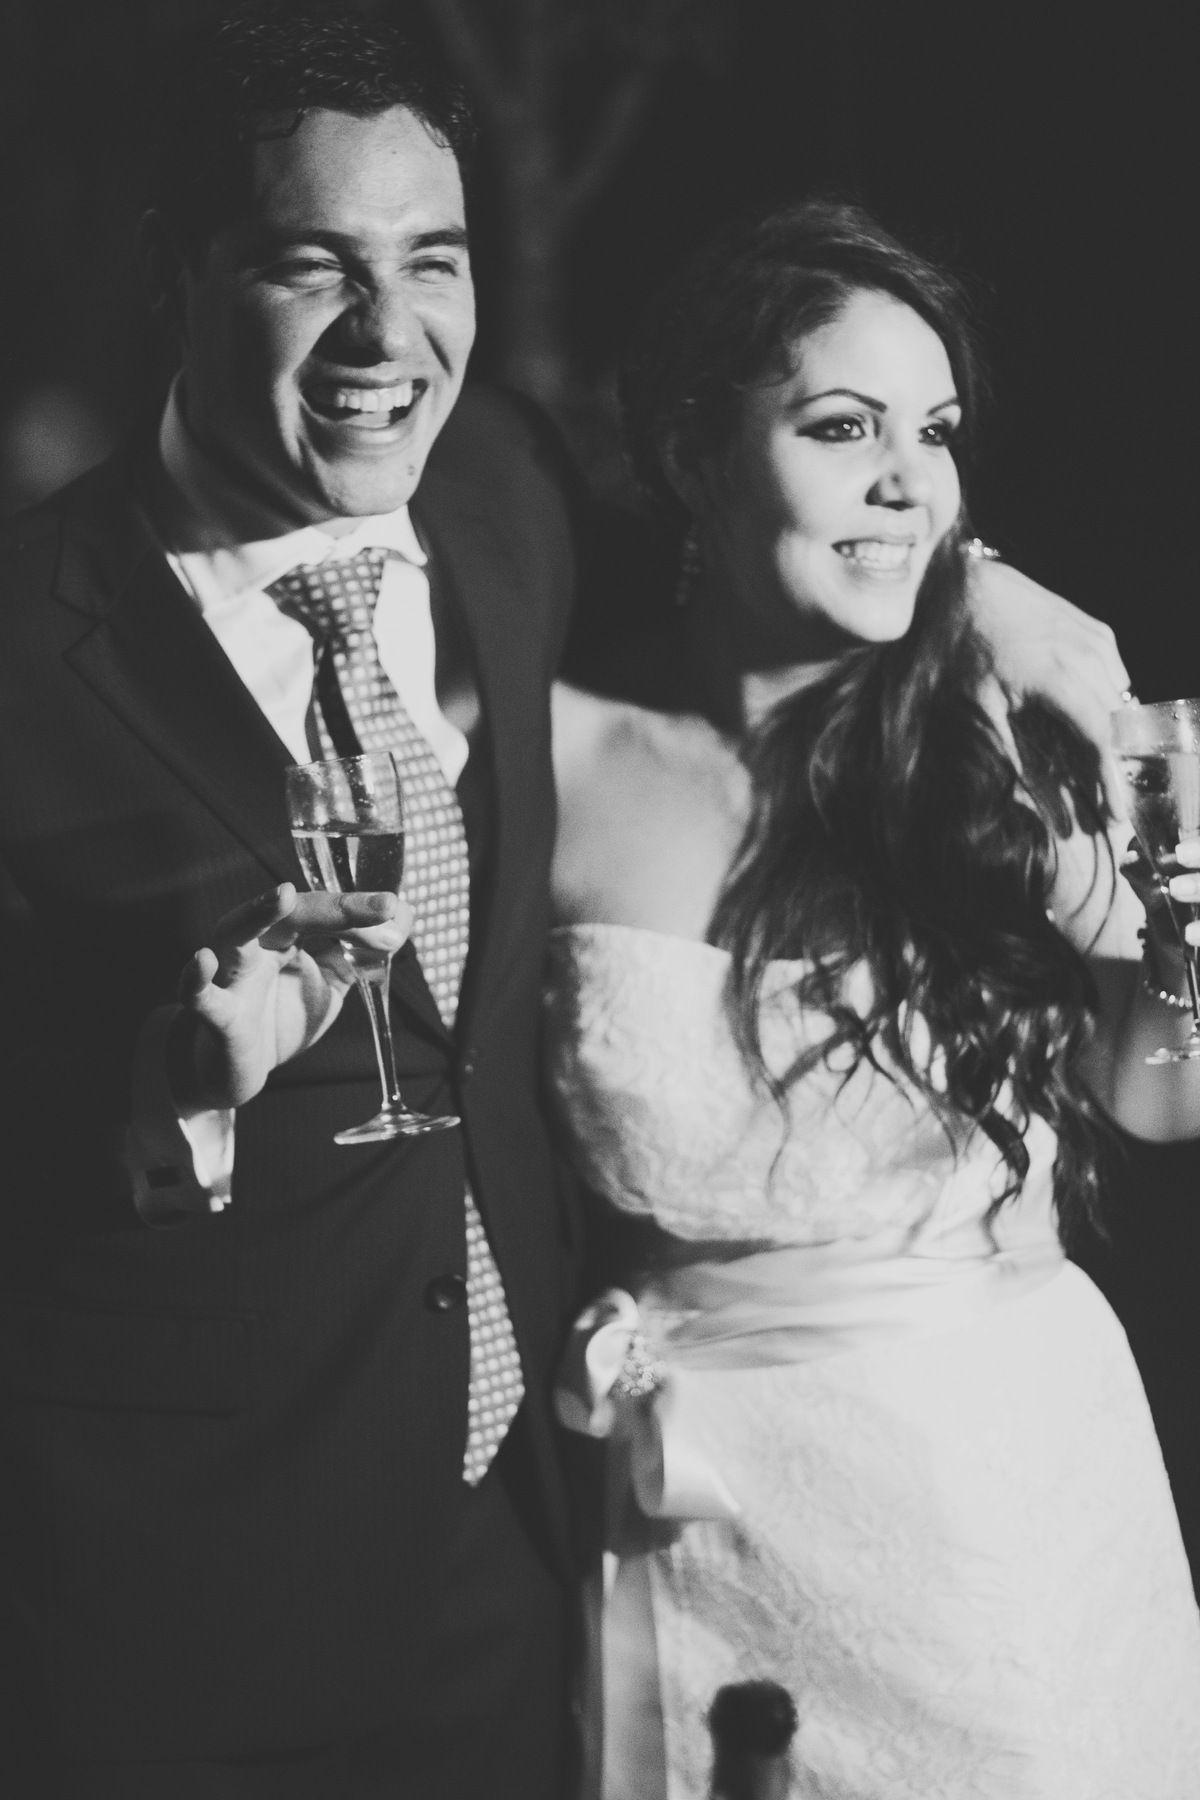 #portfoliobox #joanacardosophotography #photography #photographer #weddingphotographer #wedding #bride #couple #love #portugal #fotografia #fotografiacasamentos #noivado #casamentos